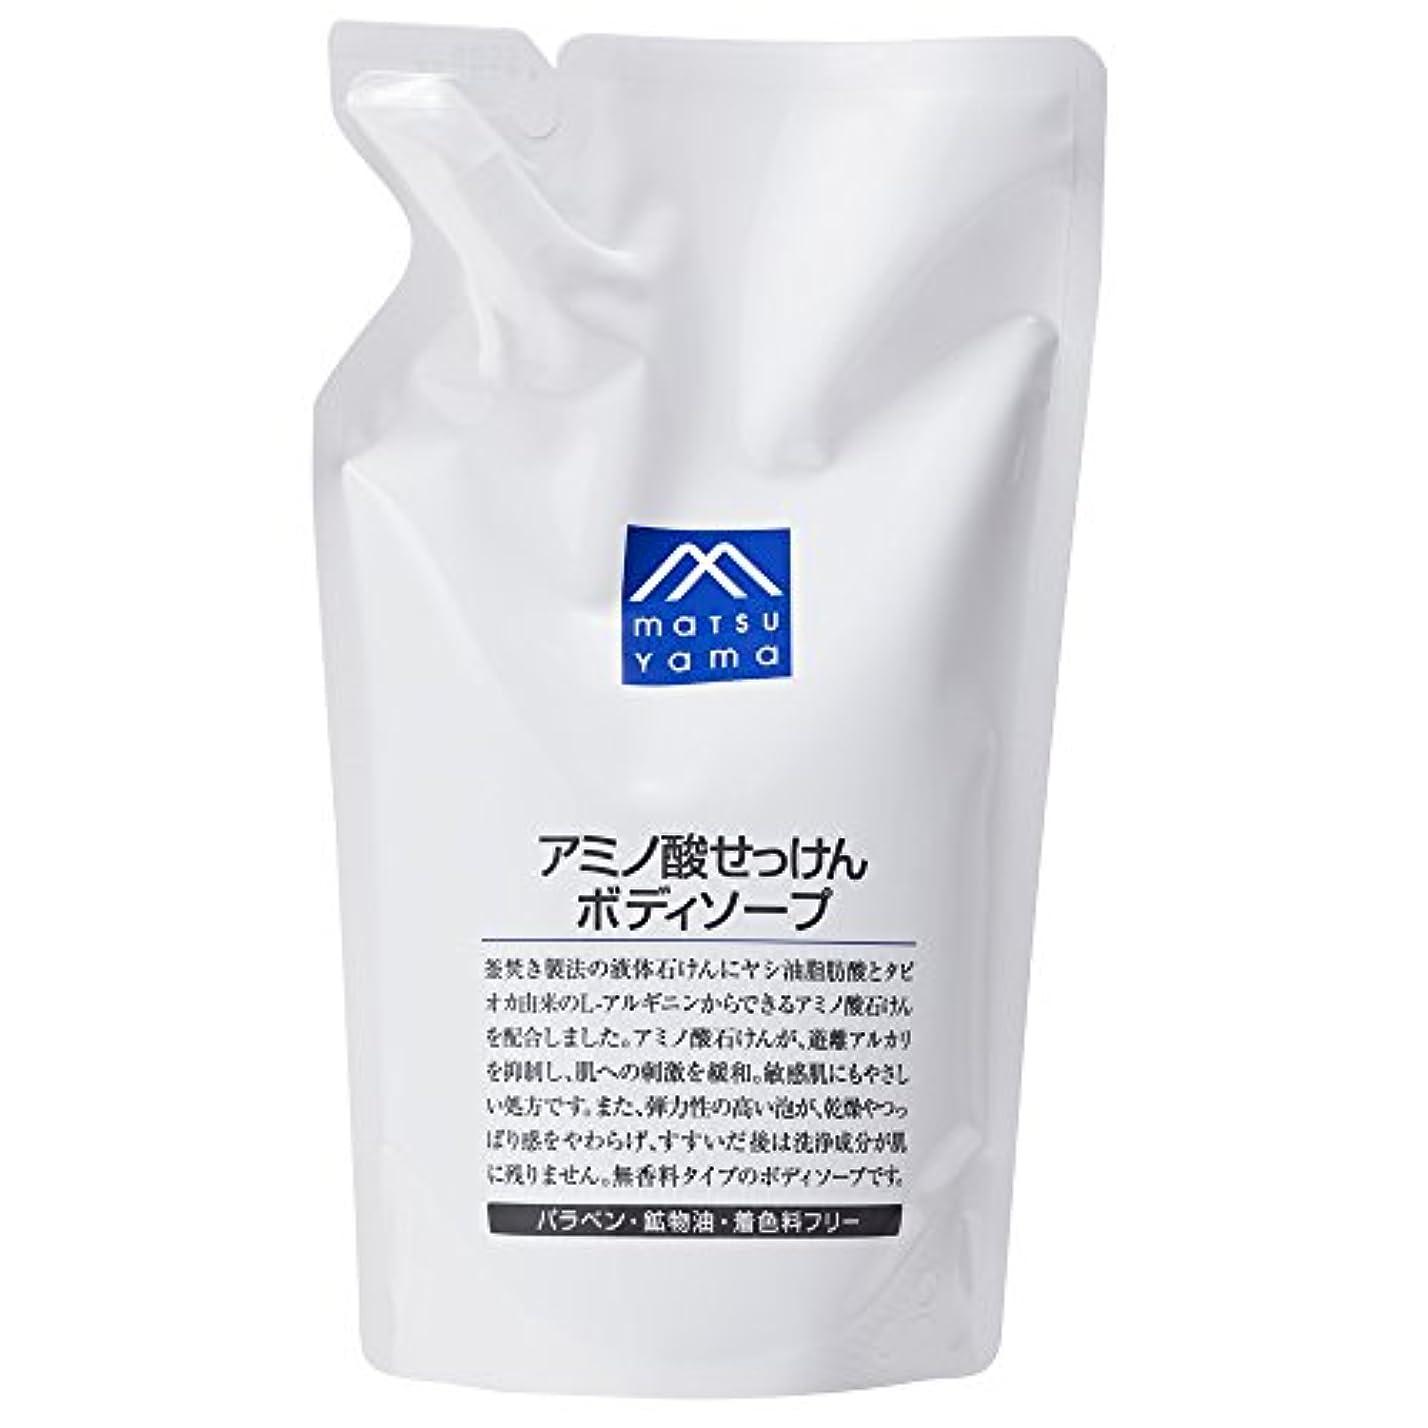 申し込む評価する農場M-mark アミノ酸せっけんボディソープ 詰替用